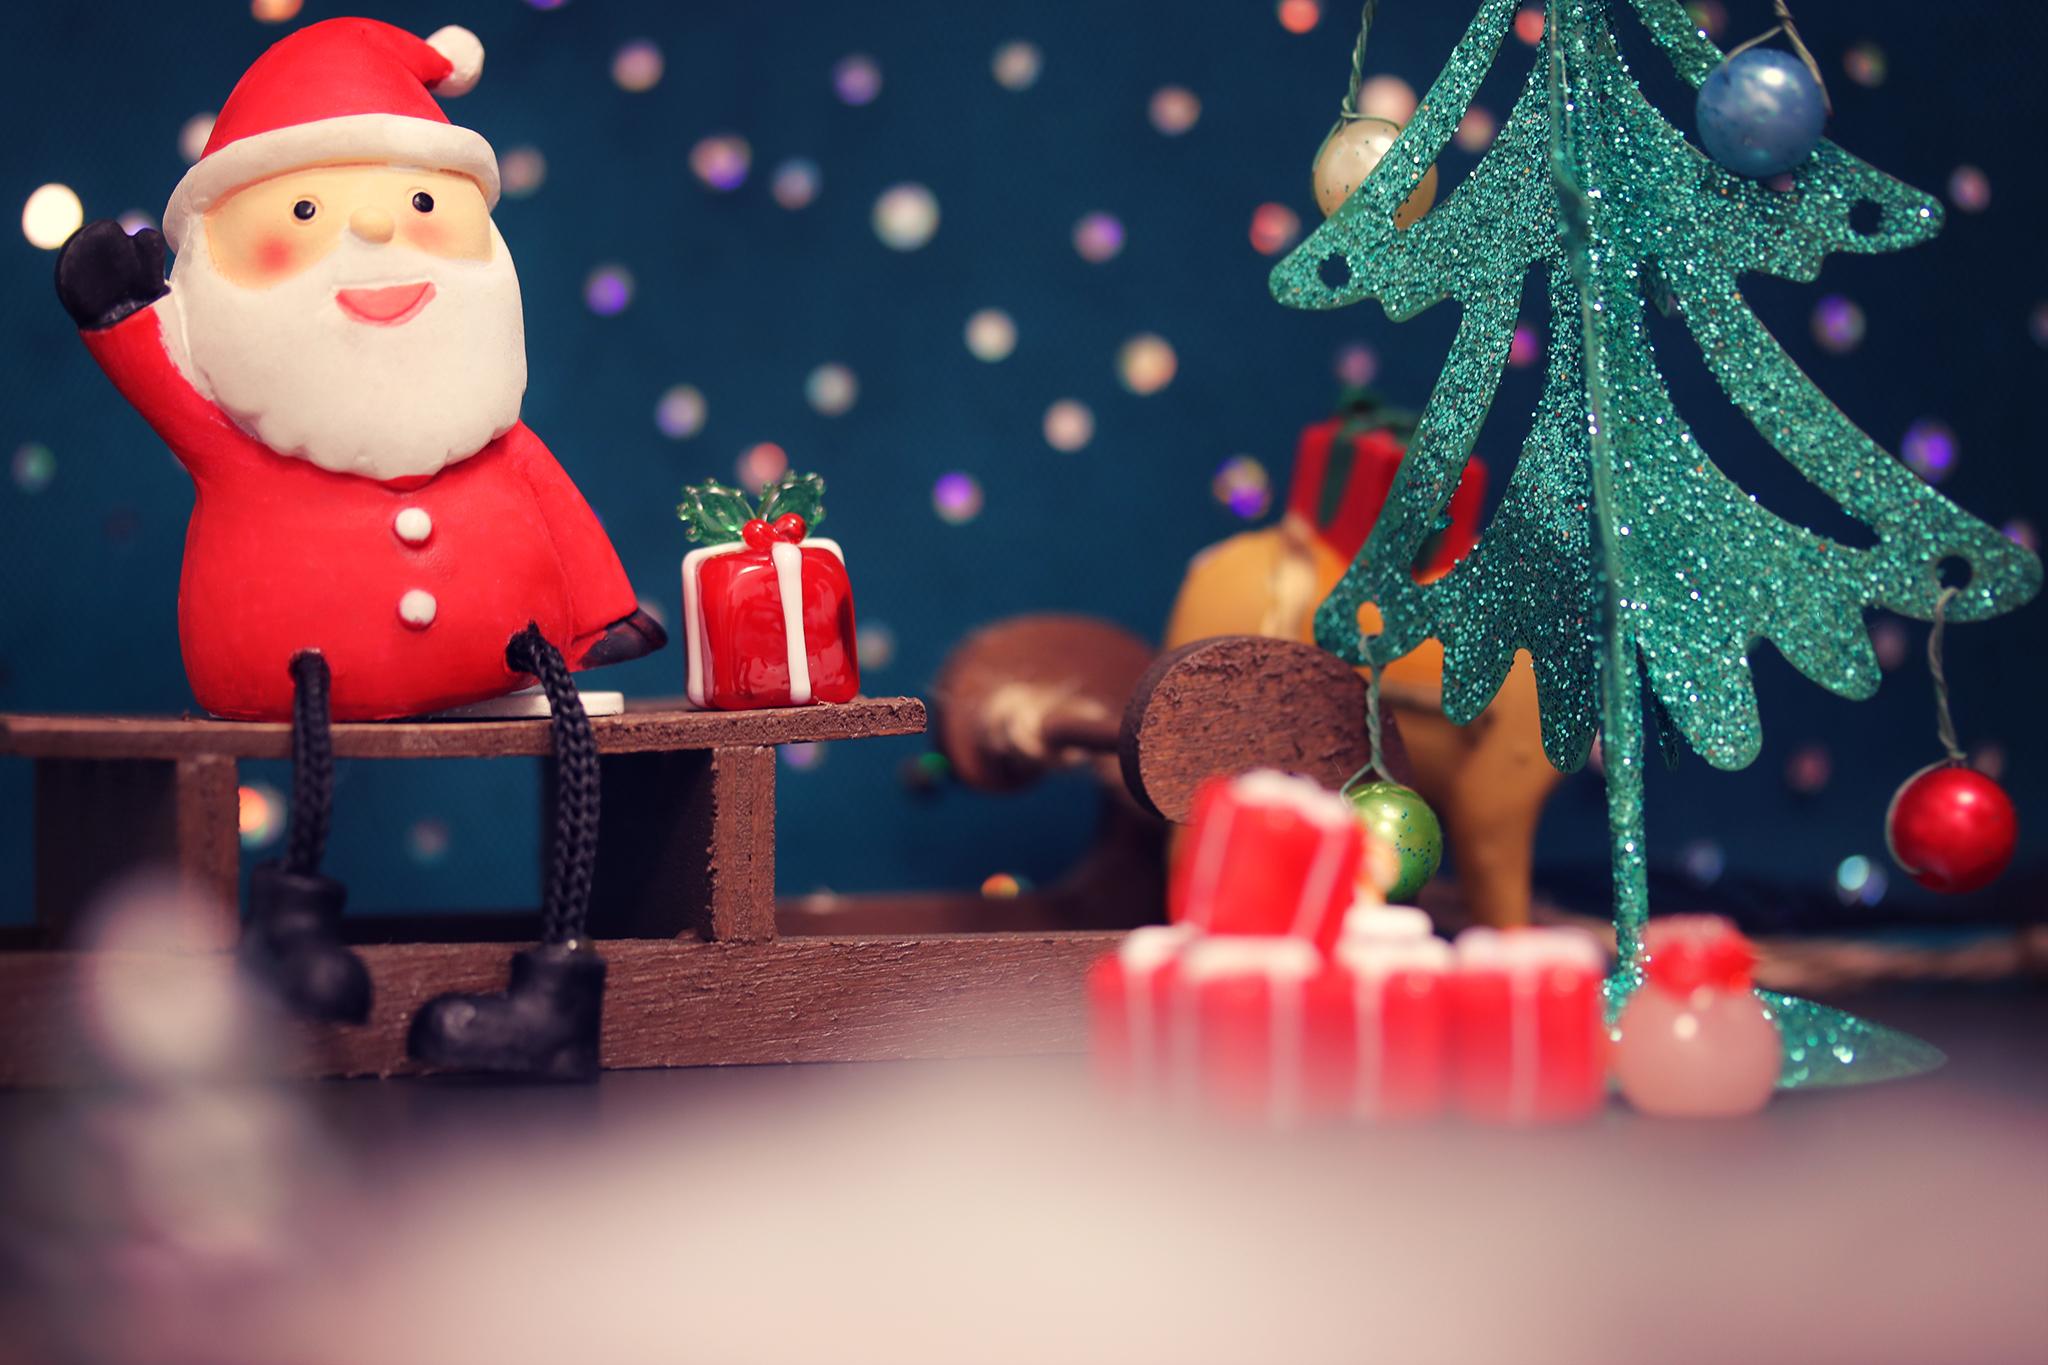 クリスマスの過ごし方。彼氏彼女が喜ぶプレゼントや家族の過ごし方まとめ